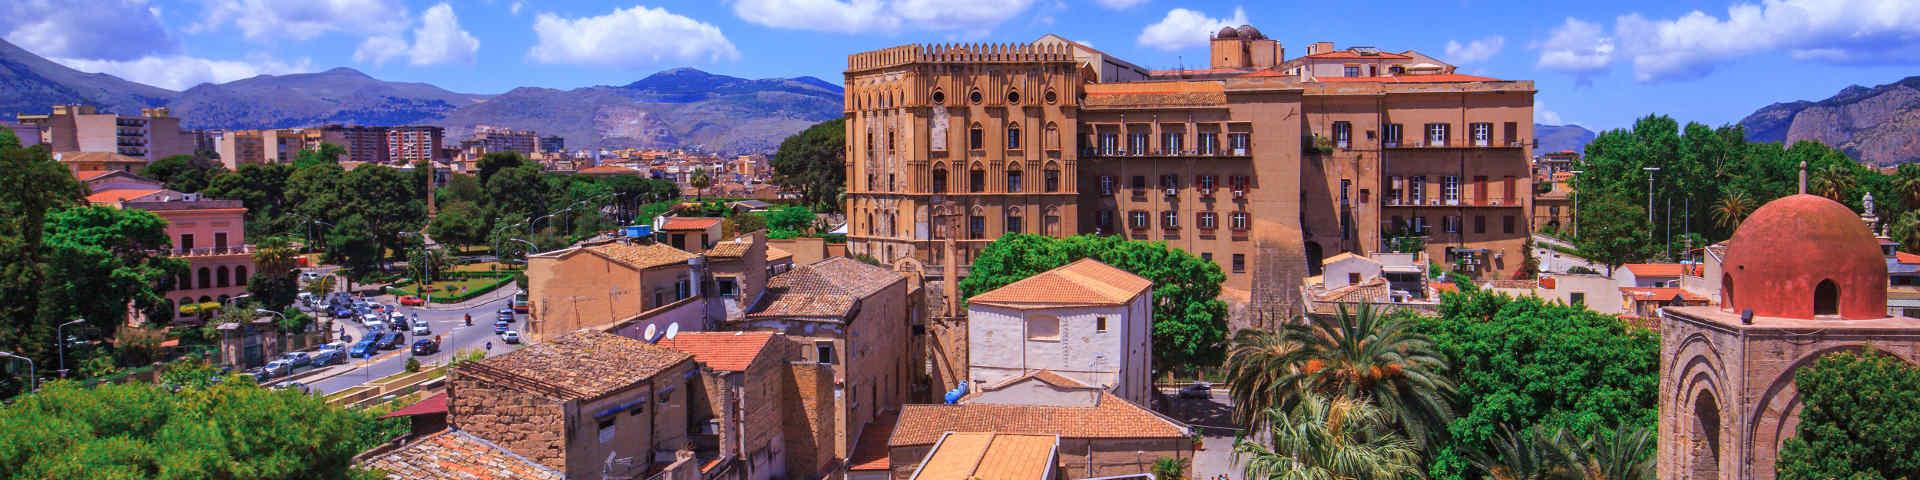 Palermo hero2